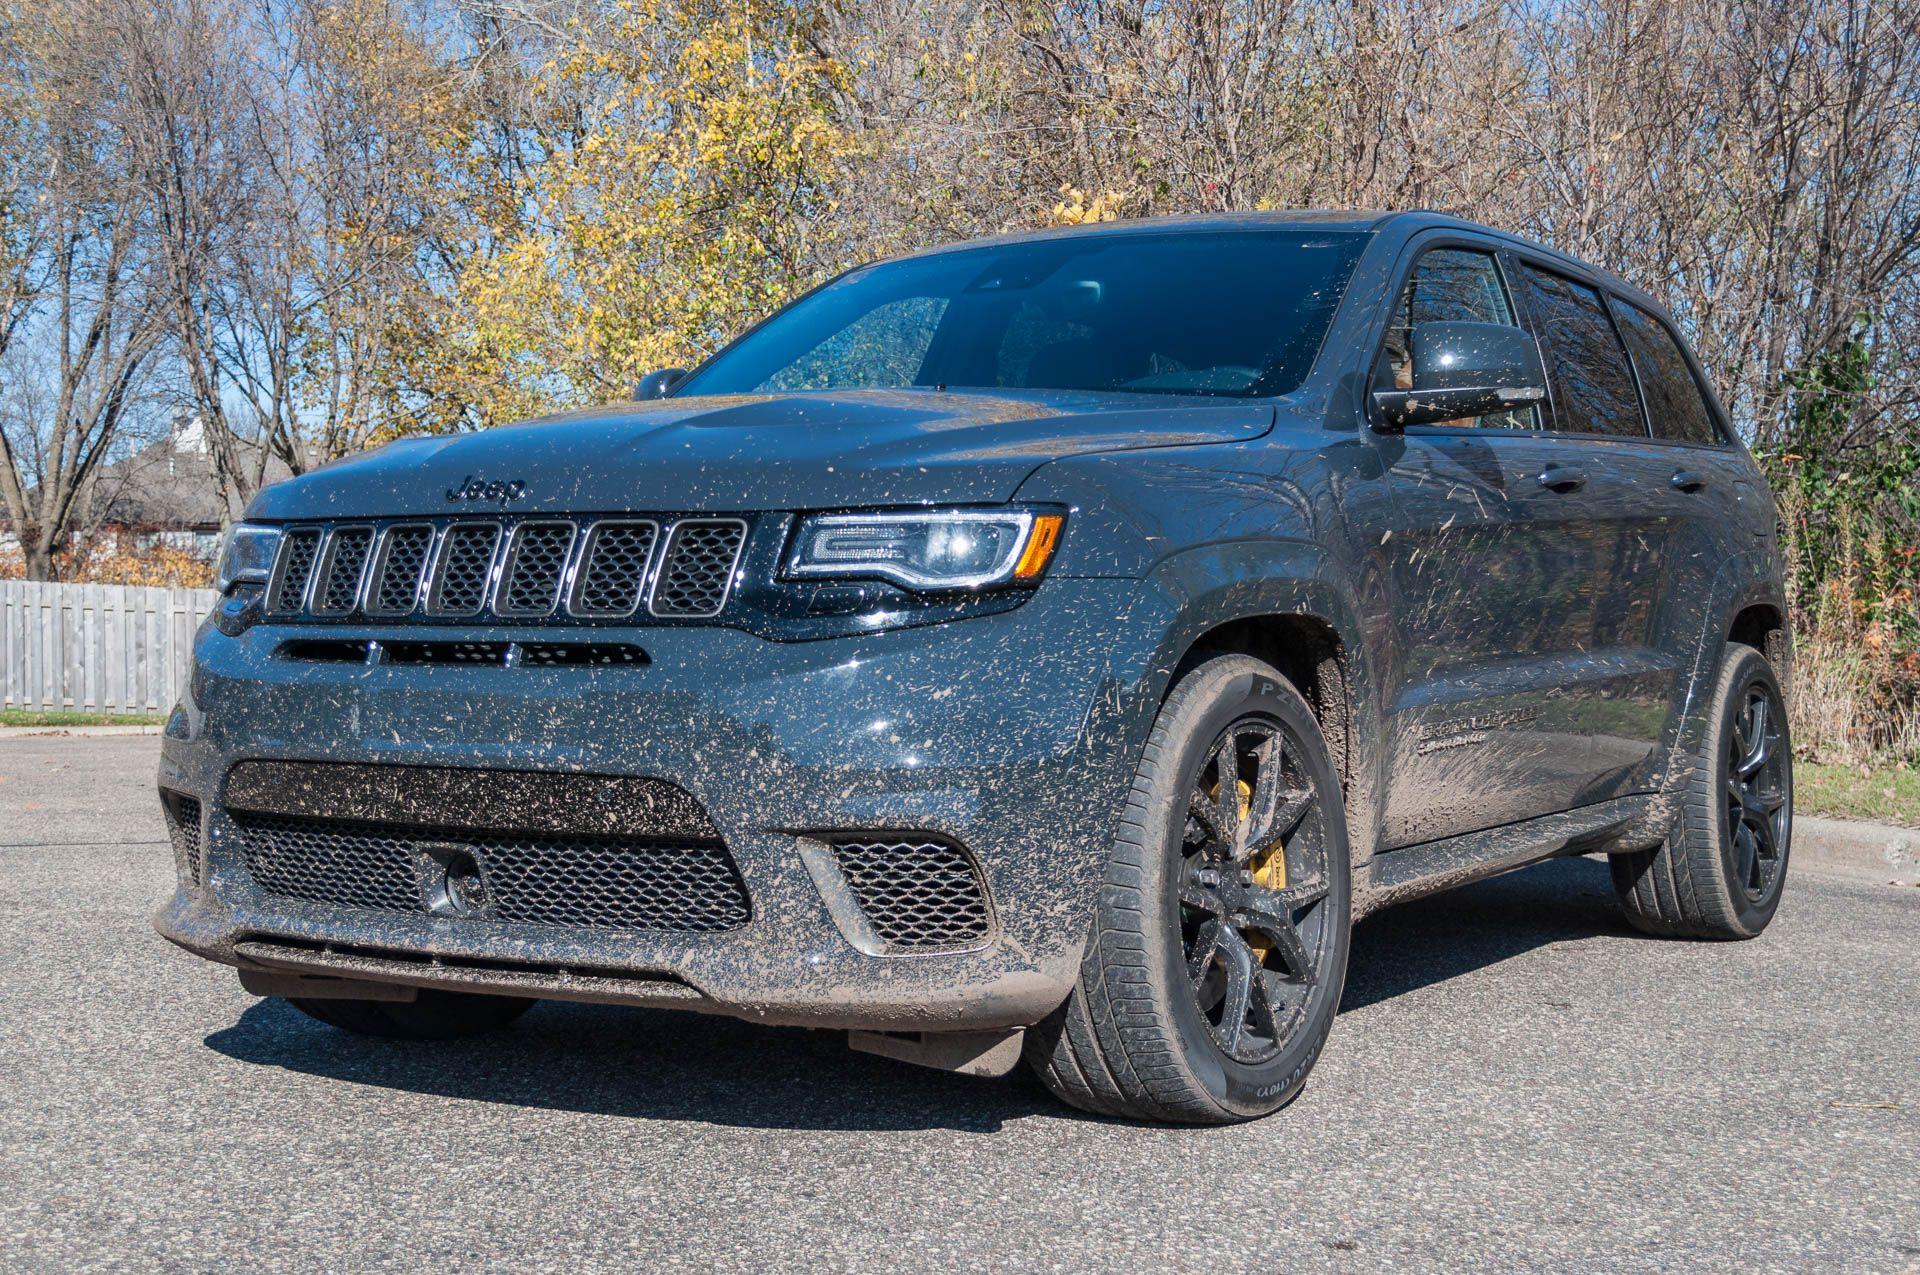 2020 Jeep Grand Cherokee Srt 2020 Jeep Grand Cherokee Srt Jeep Grand Cherokee Srt Jeep Grand Cherokee Srt Hellcat